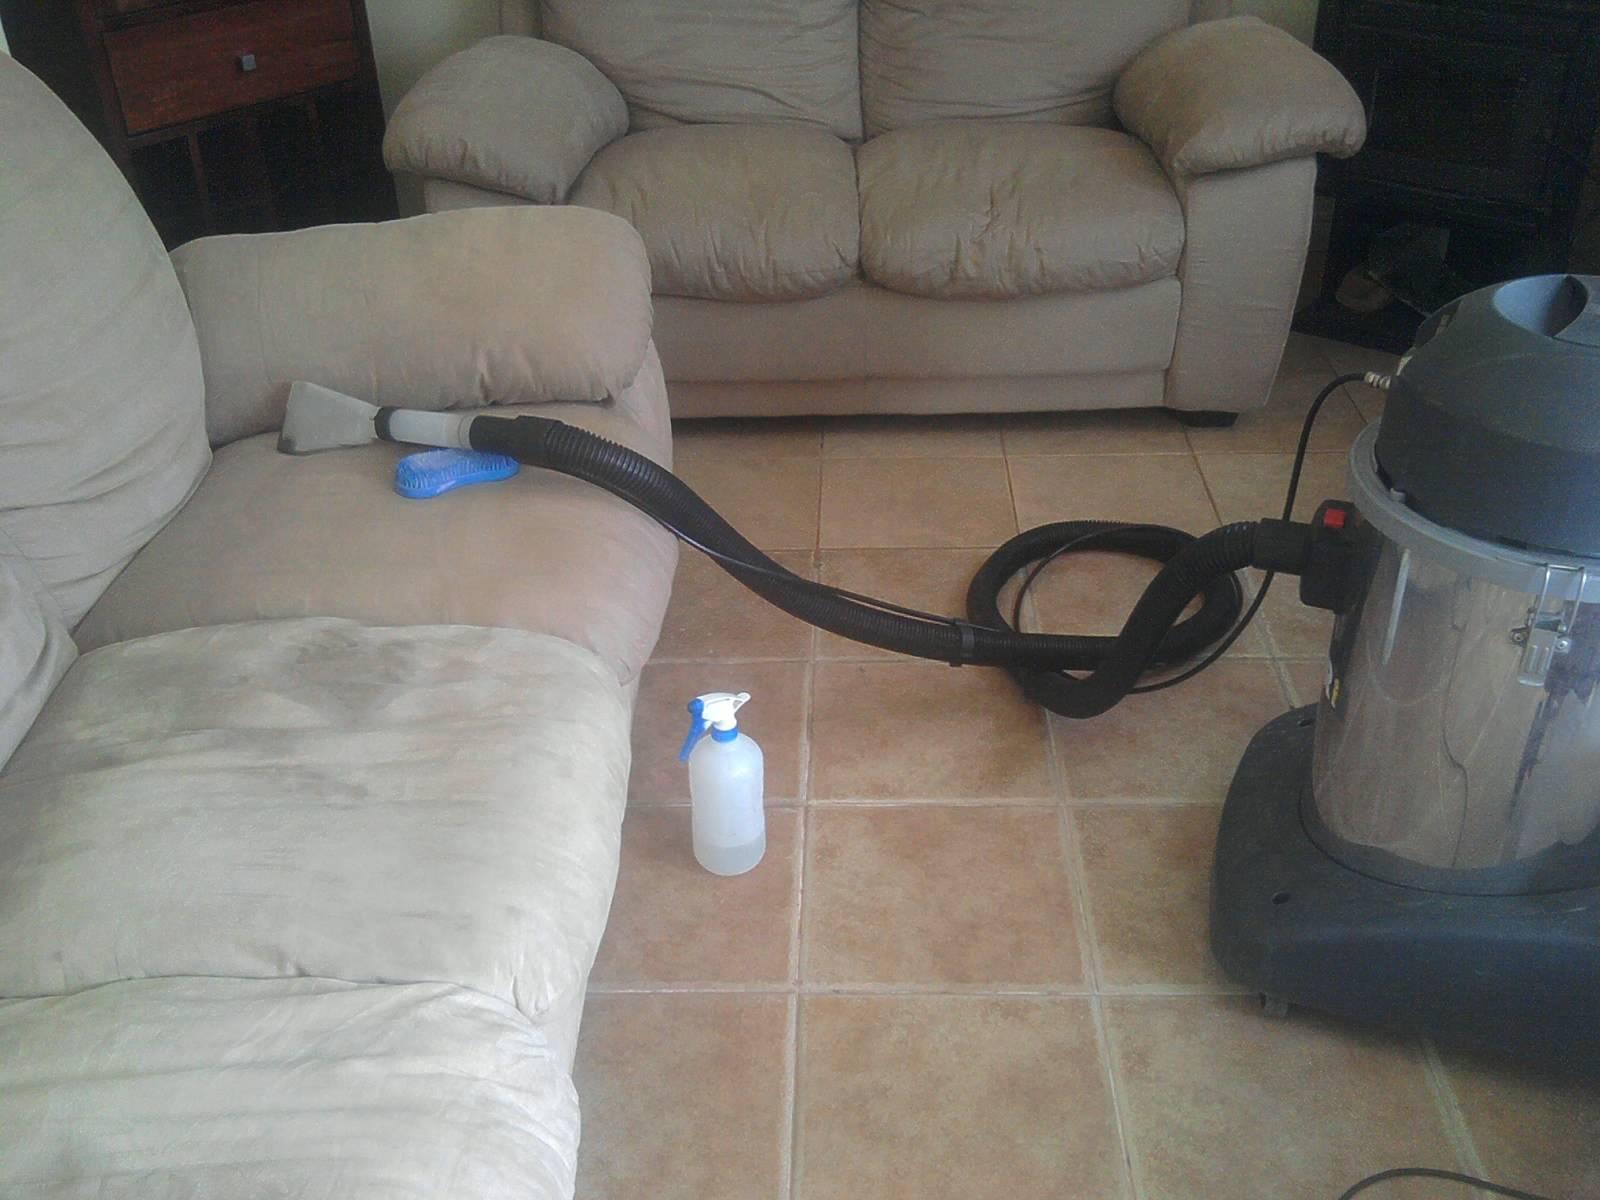 Limpieza de sof s valencia limpiezas ventura for Limpieza de sofas